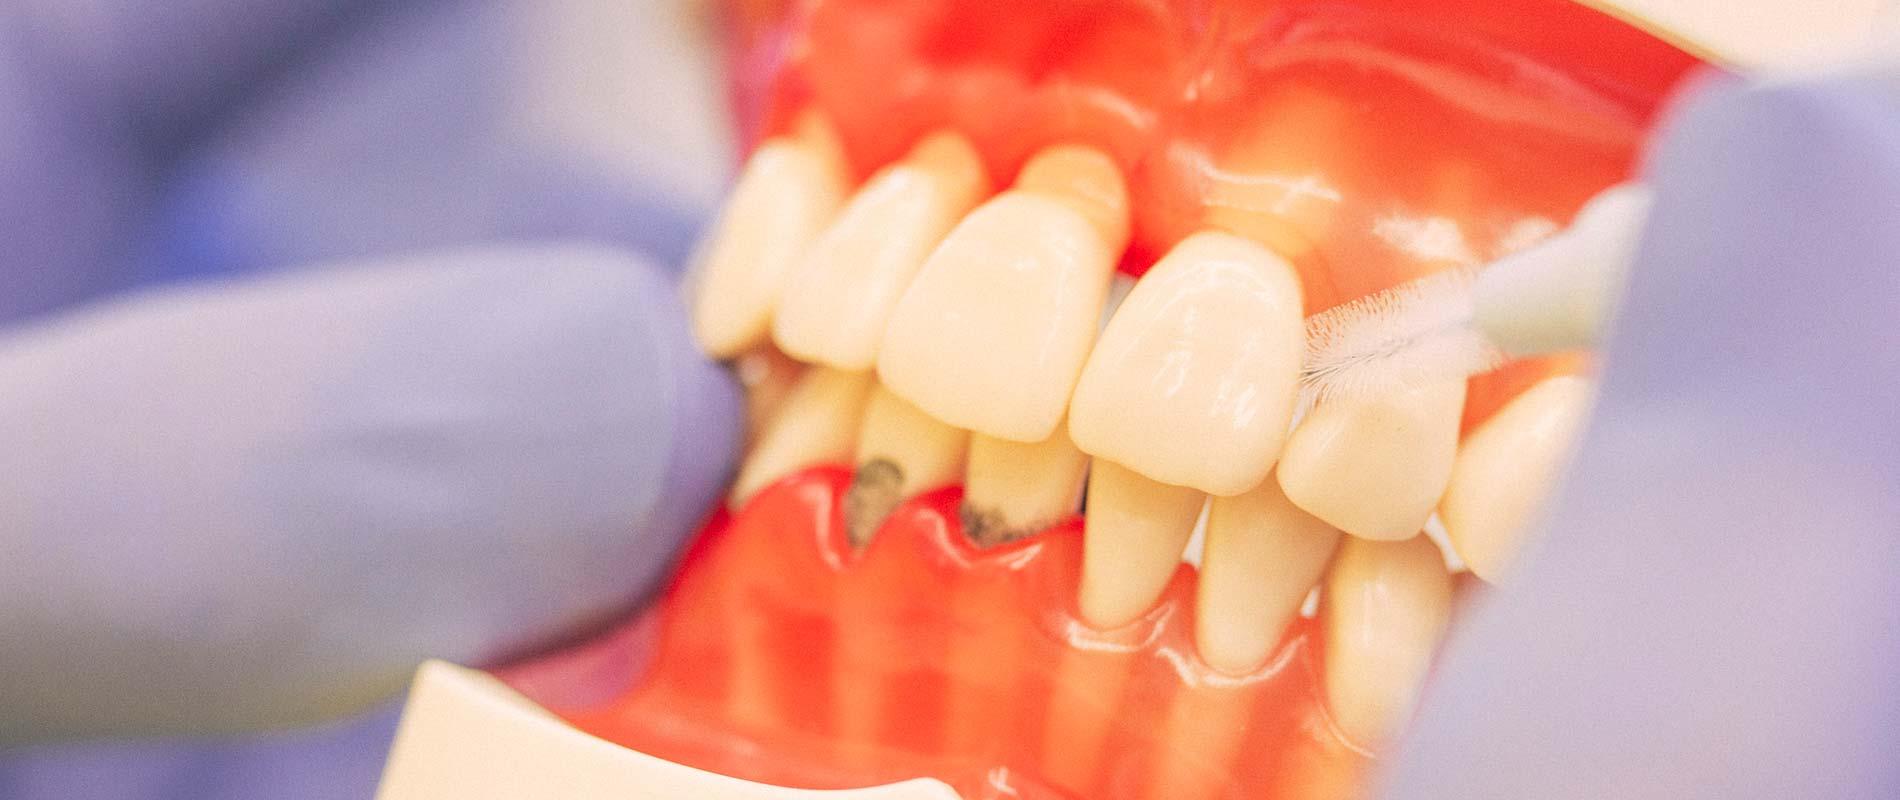 Reinigung eines Zahnmodells mit Hilfe einer Interdentalbürste.